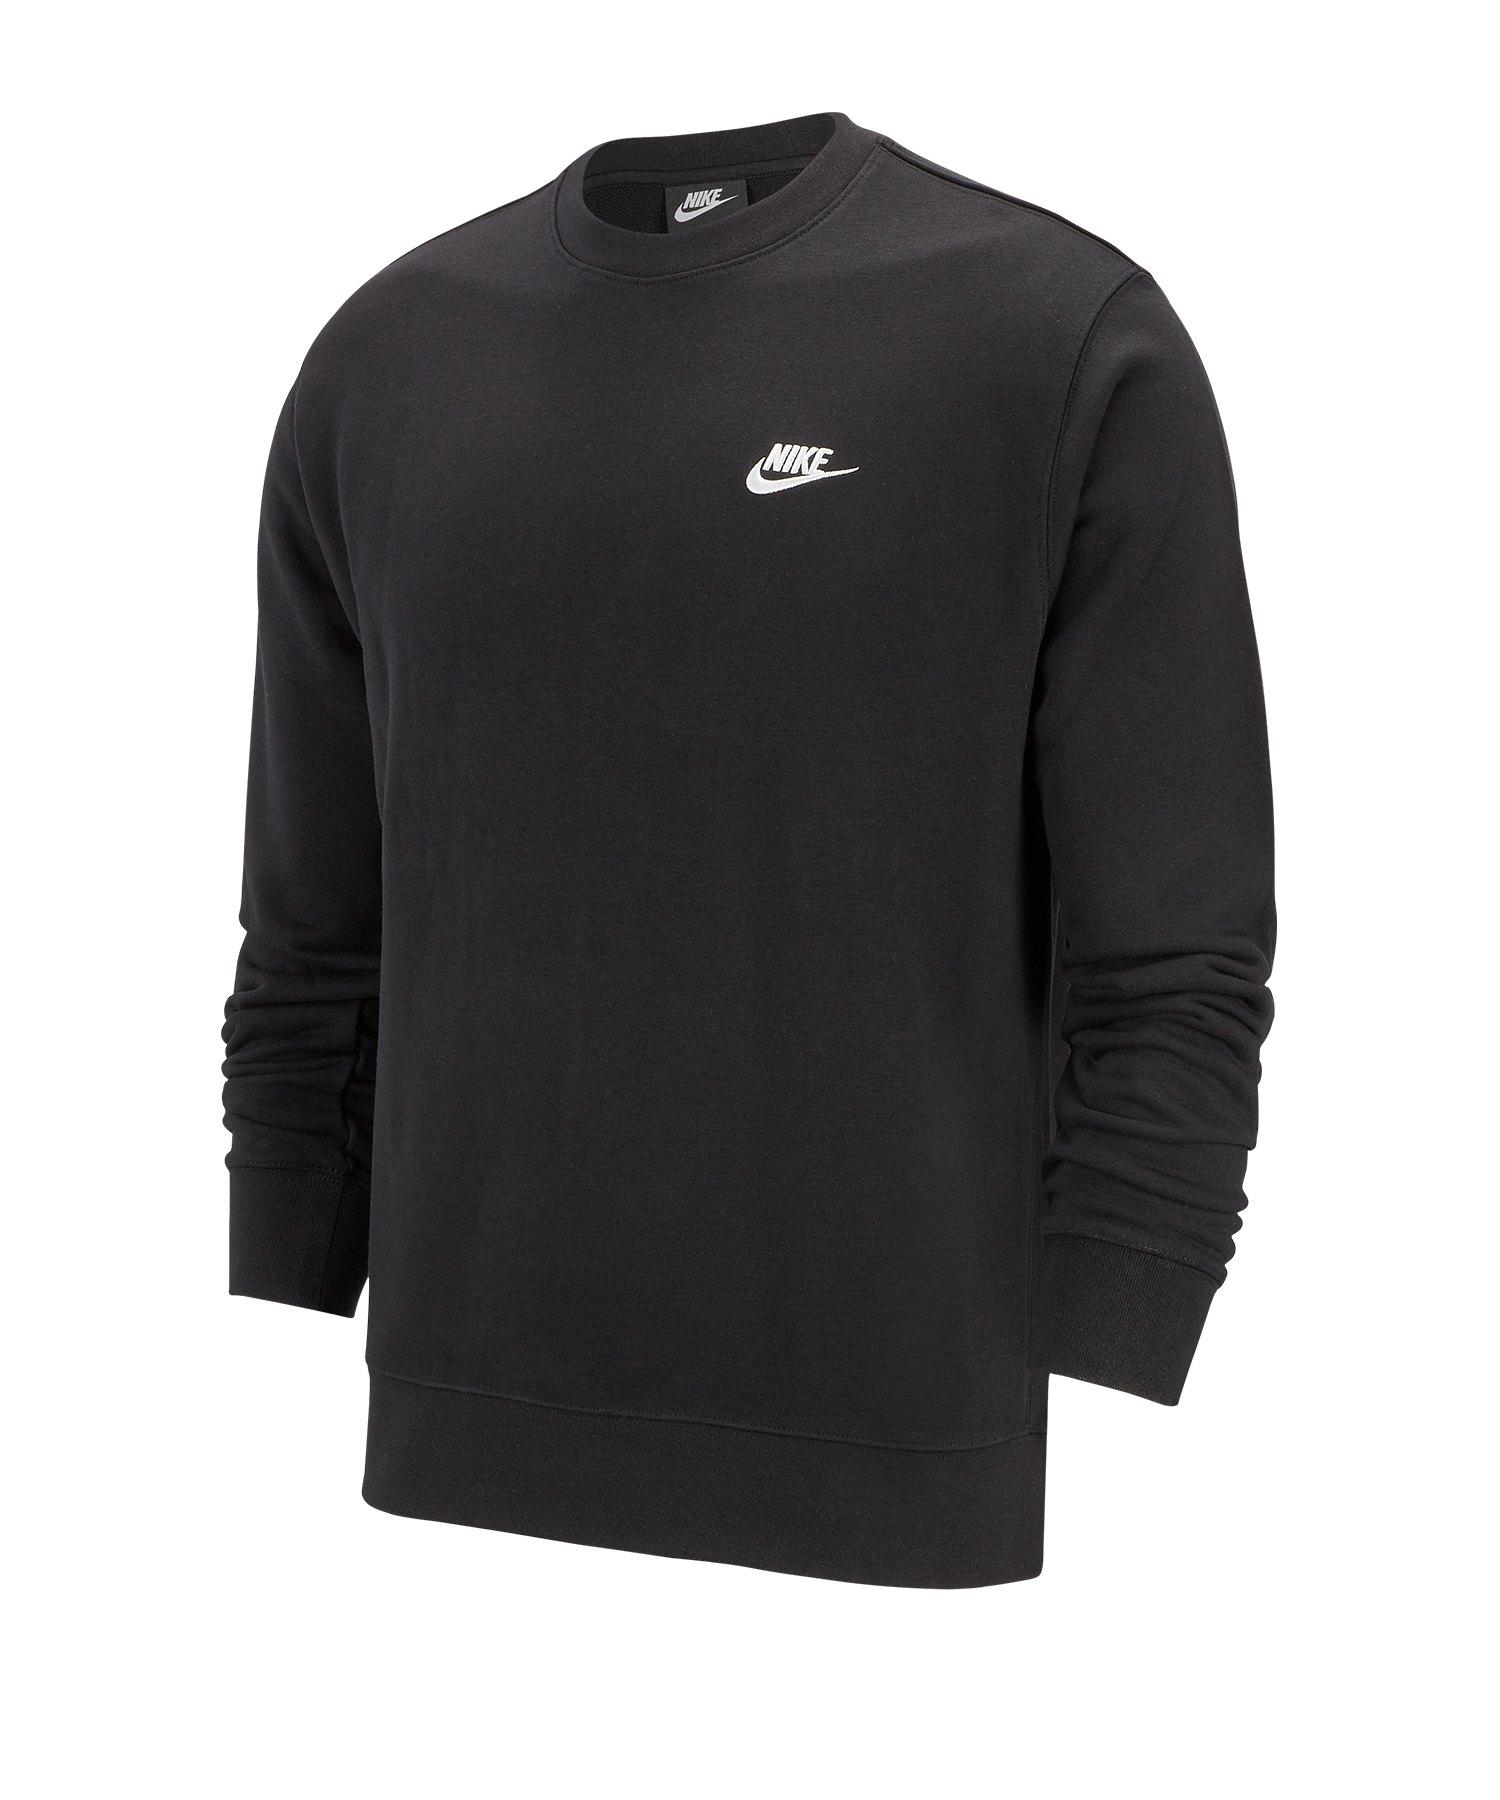 Nike Club Crew Sweatshirt Schwarz F010 - schwarz